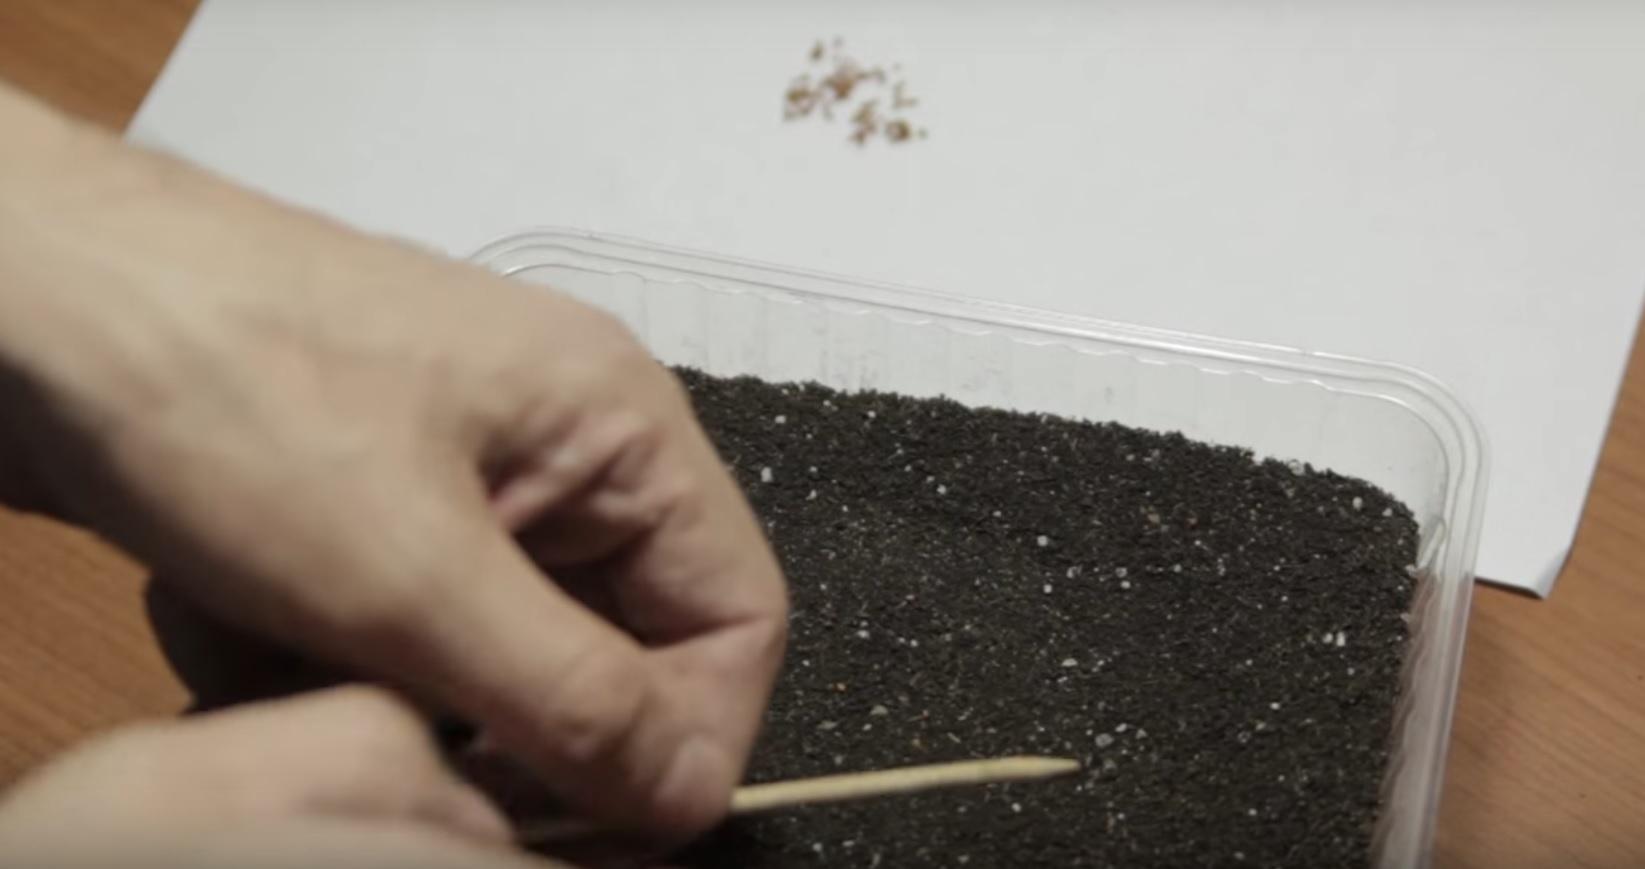 Семена нужно распределить максимально равномерно